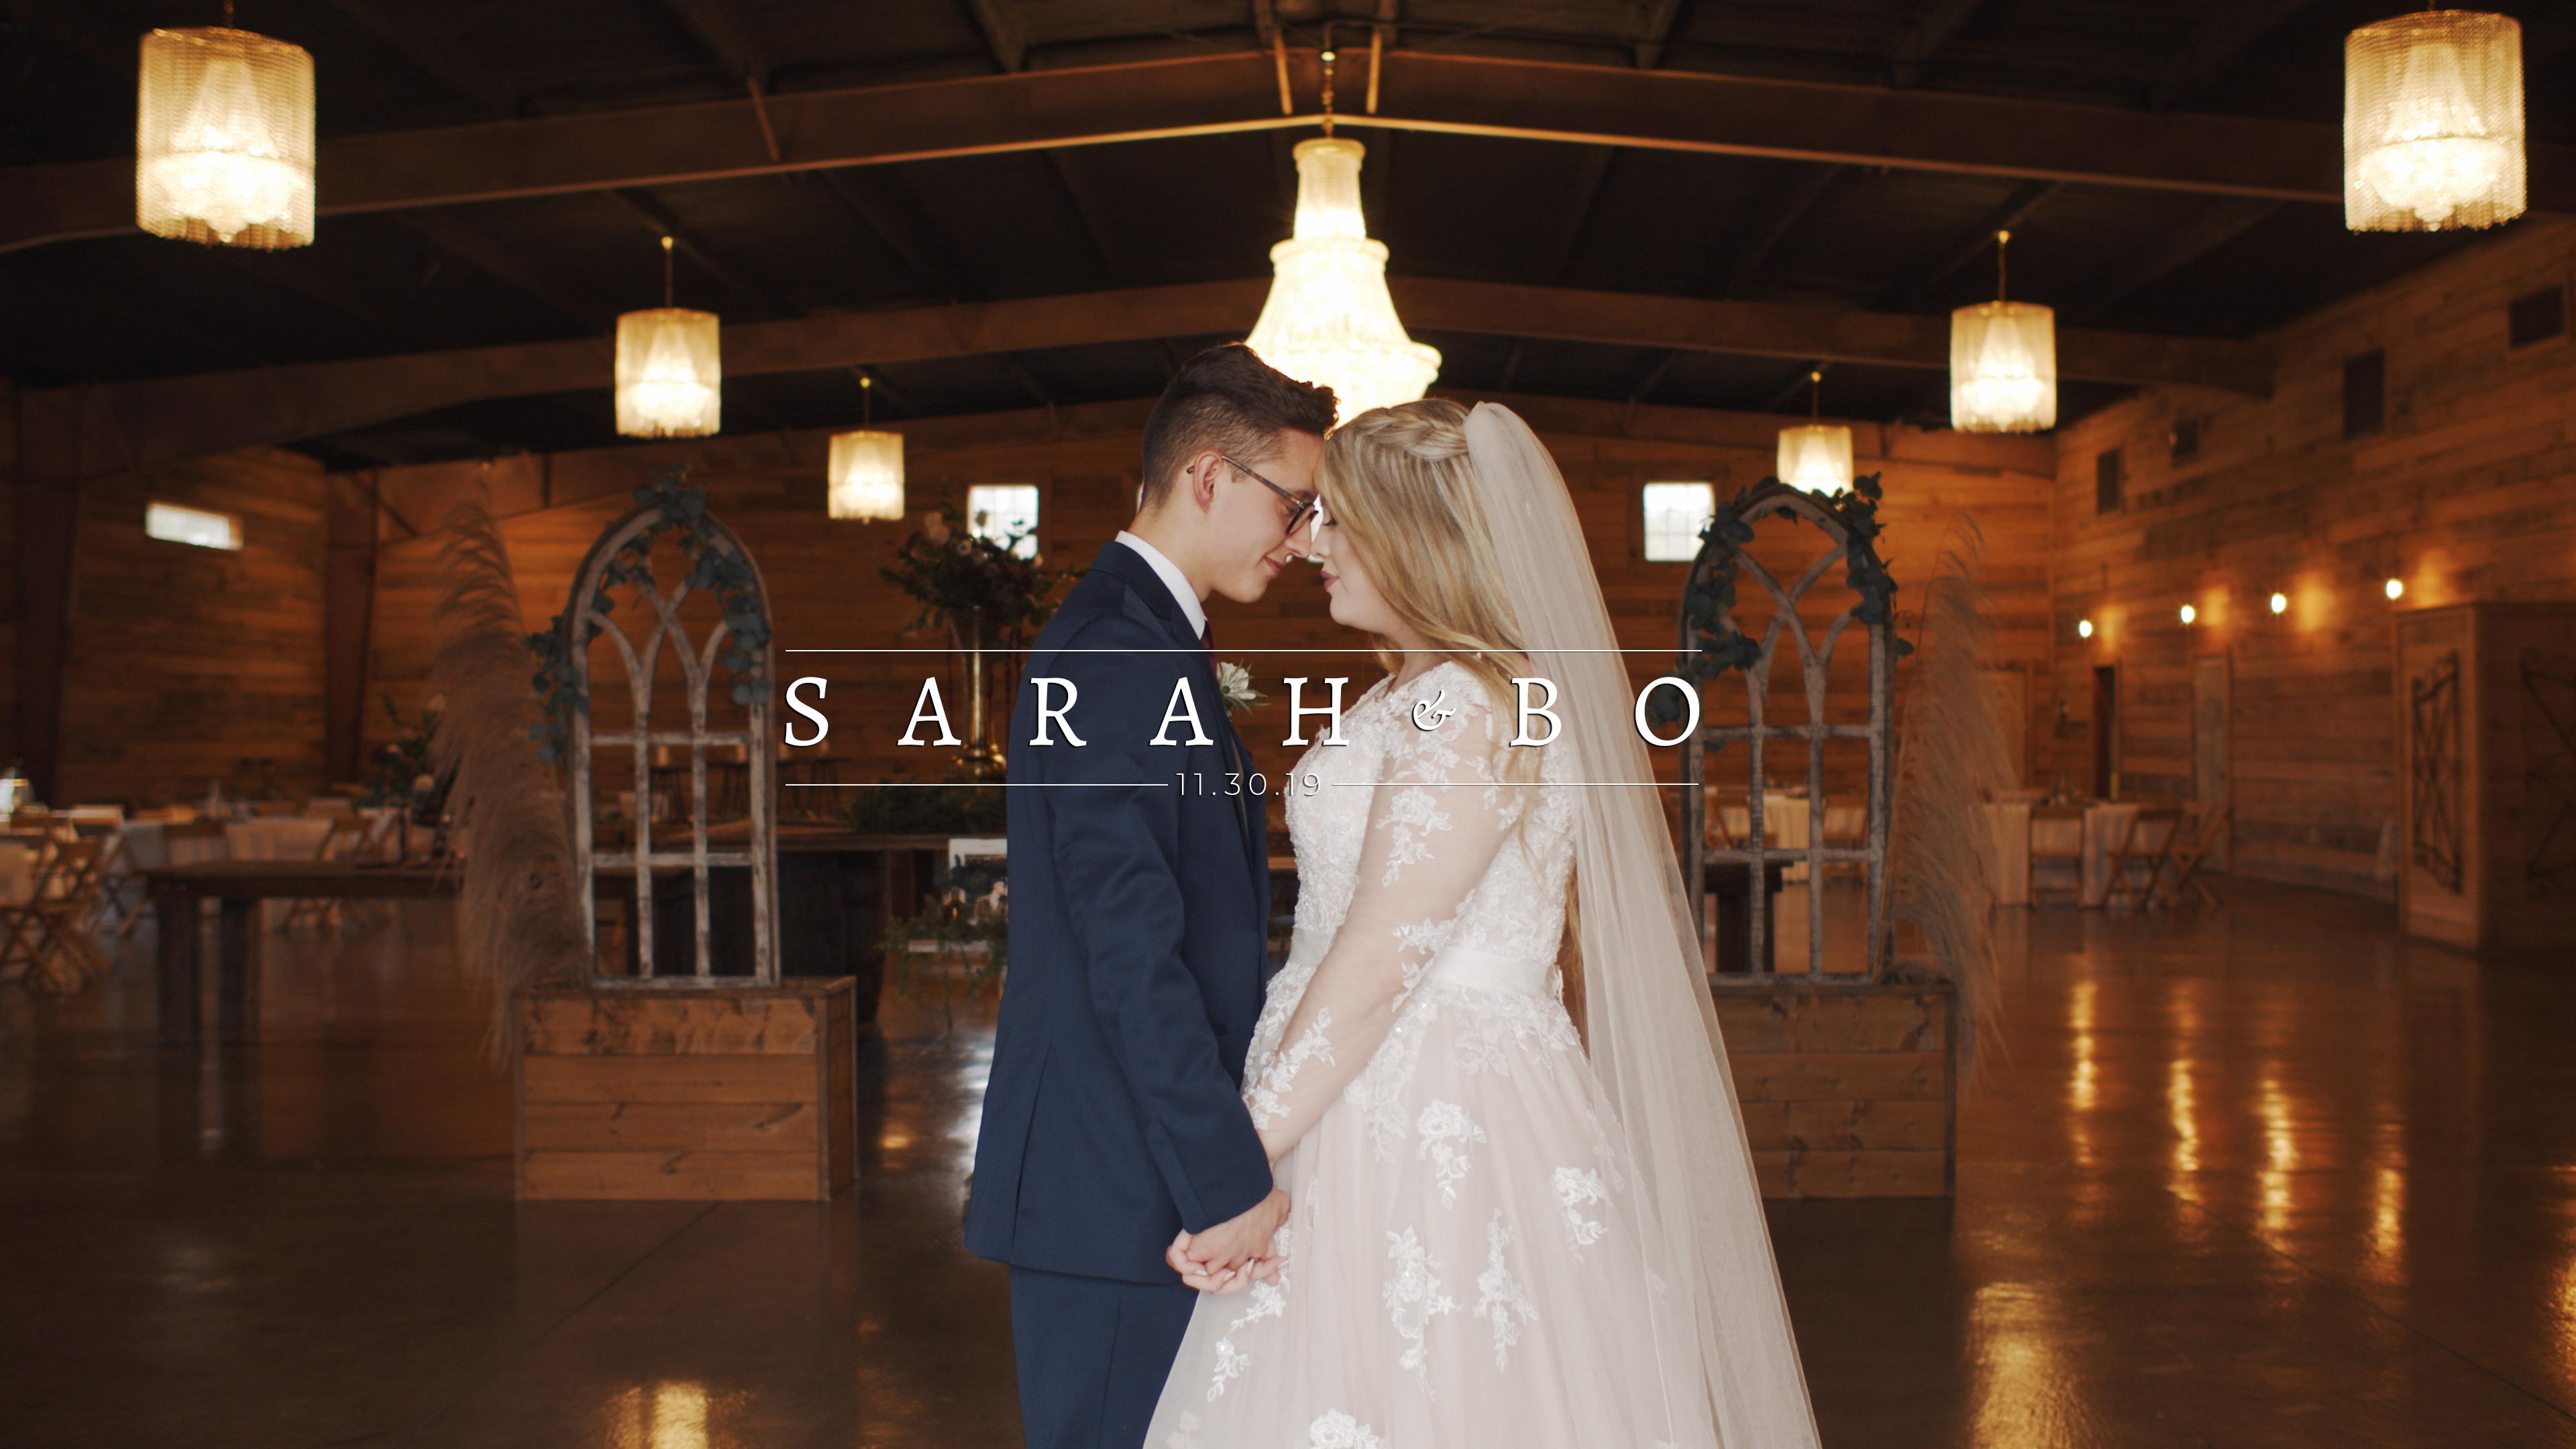 Sarah + Bo | Tupelo, Mississippi | The Antler